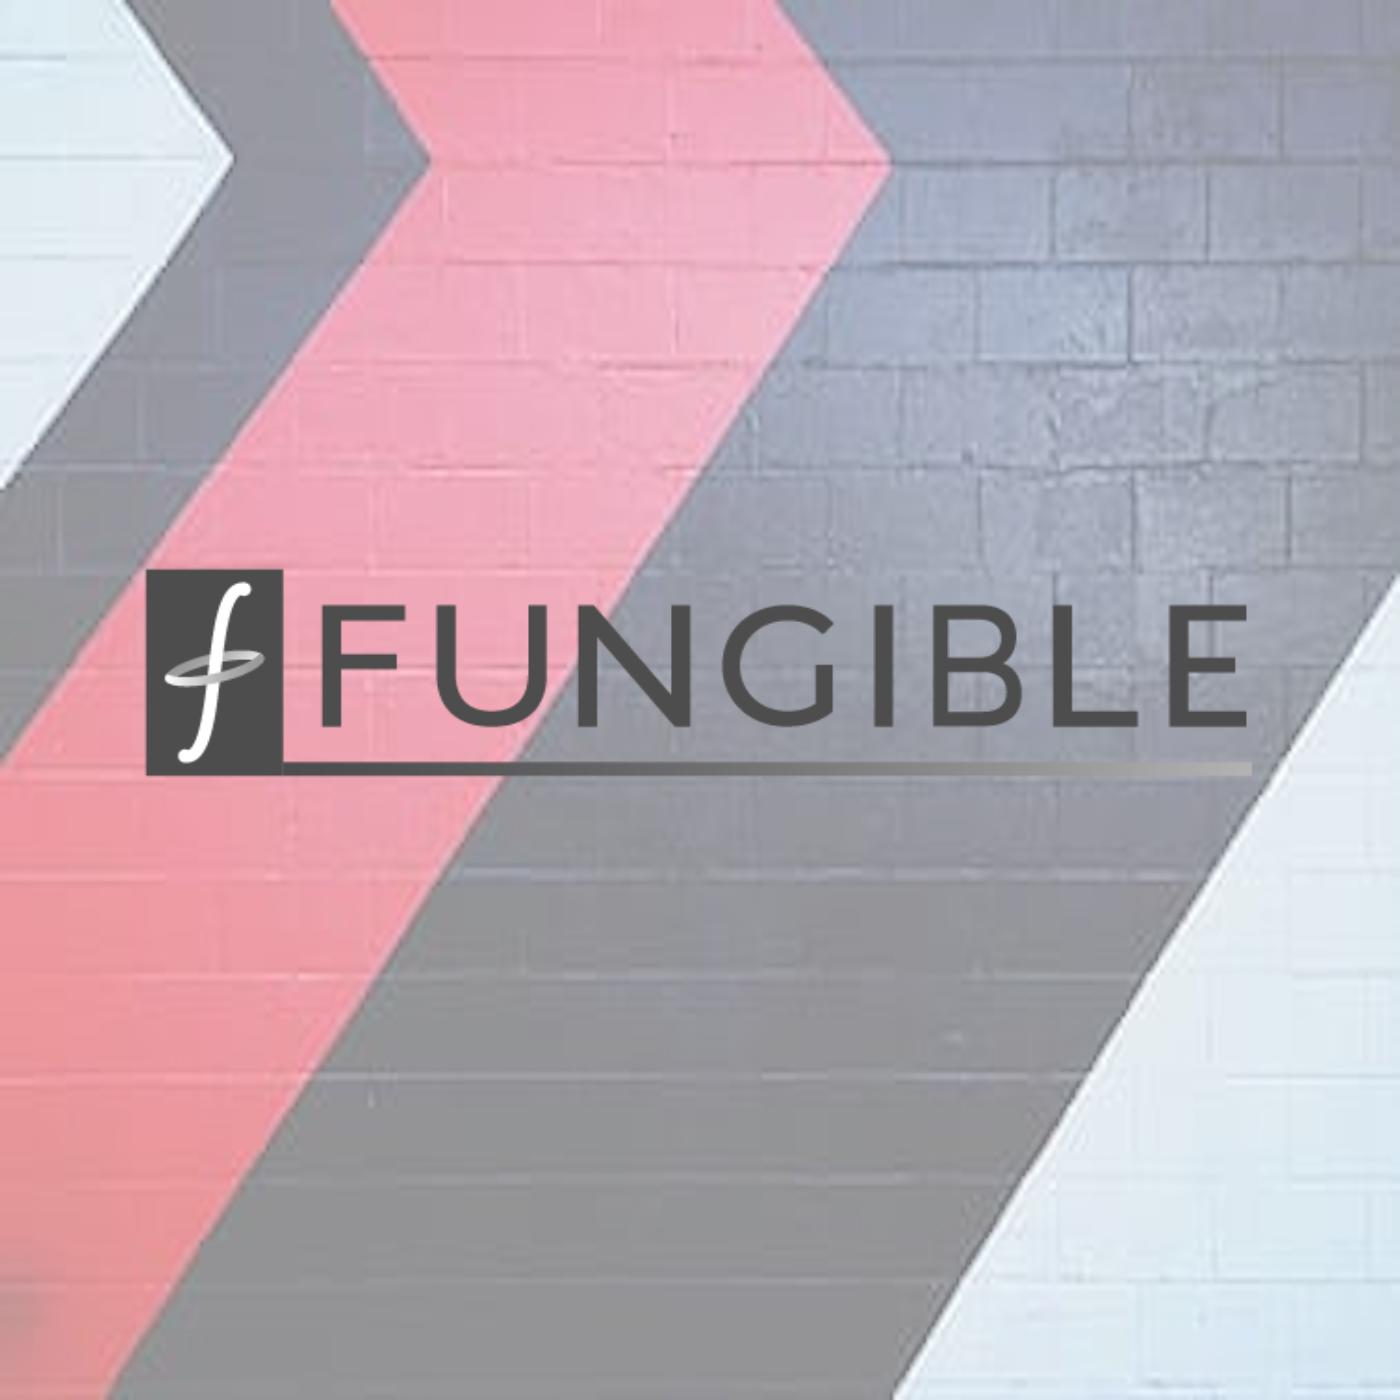 Entretien avec Bertrand Serlet : Co-fondateur @Fungible